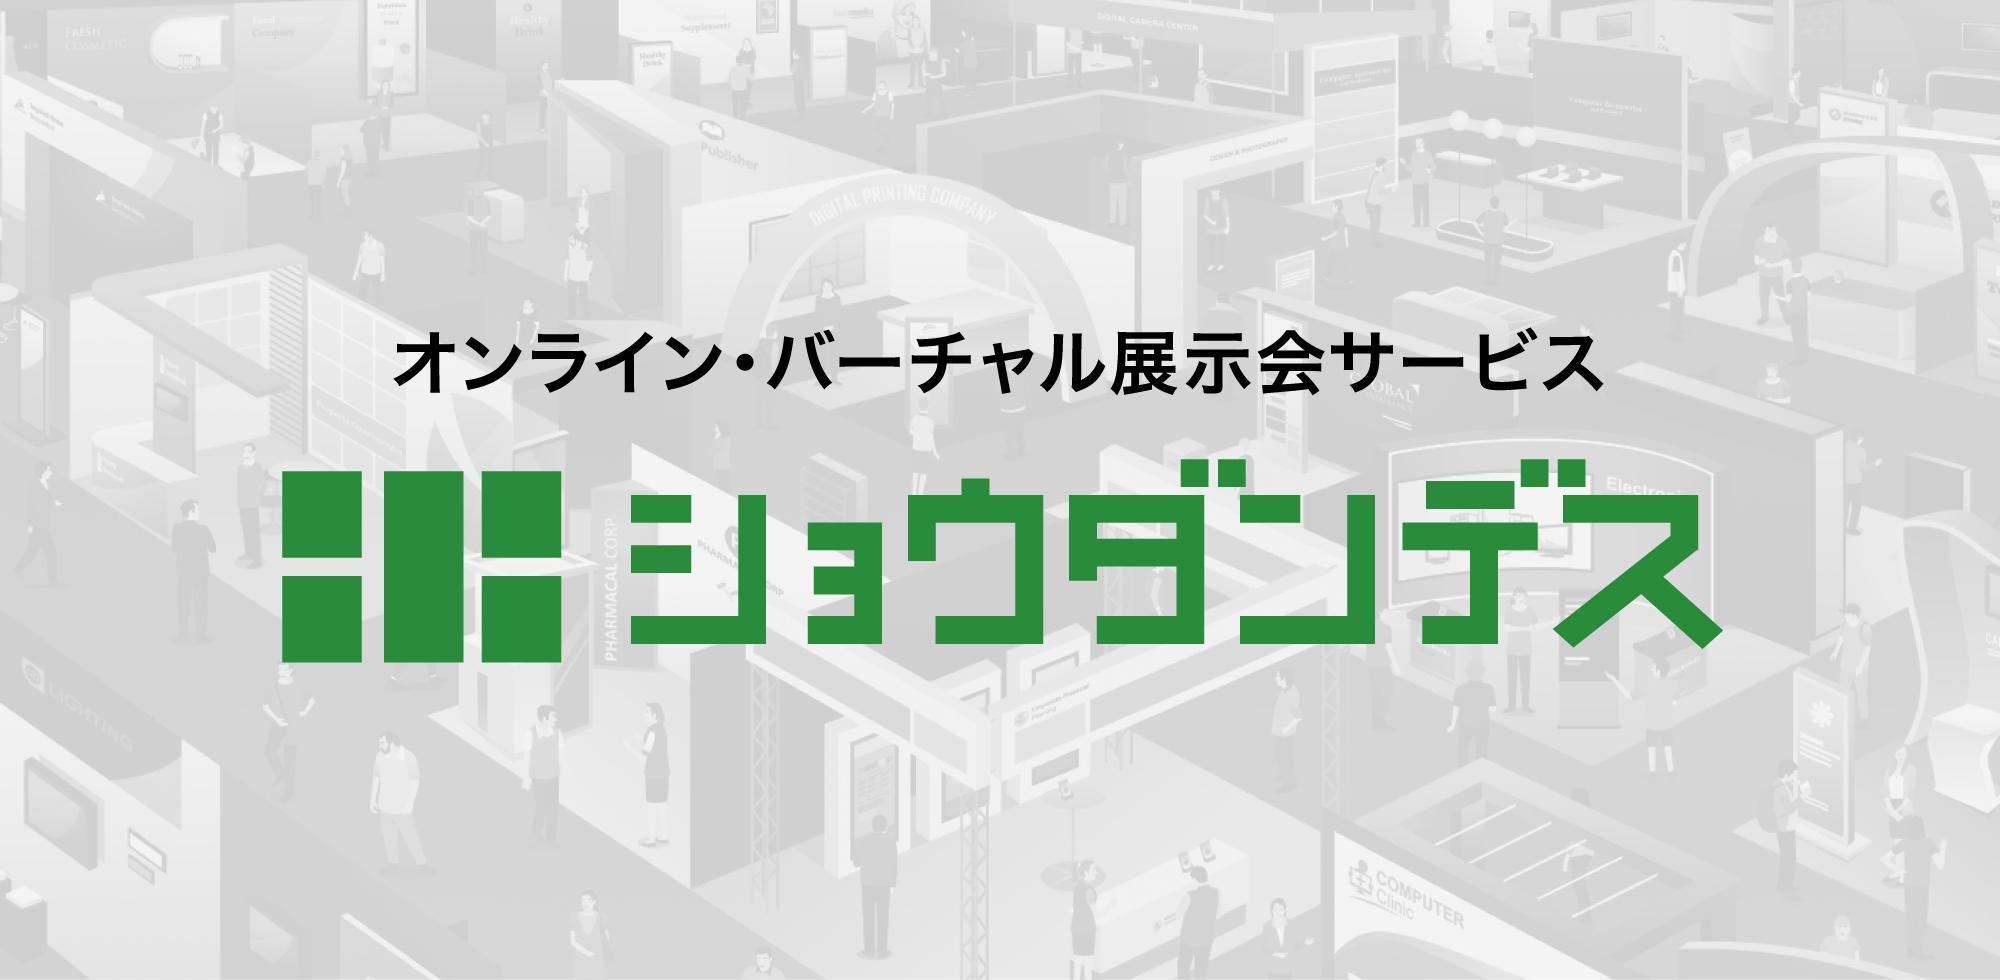 XR技術(AR/VR/MR)で新しい展示体験を バーチャル展示会サービス「ショウダンデス」の提供スタート